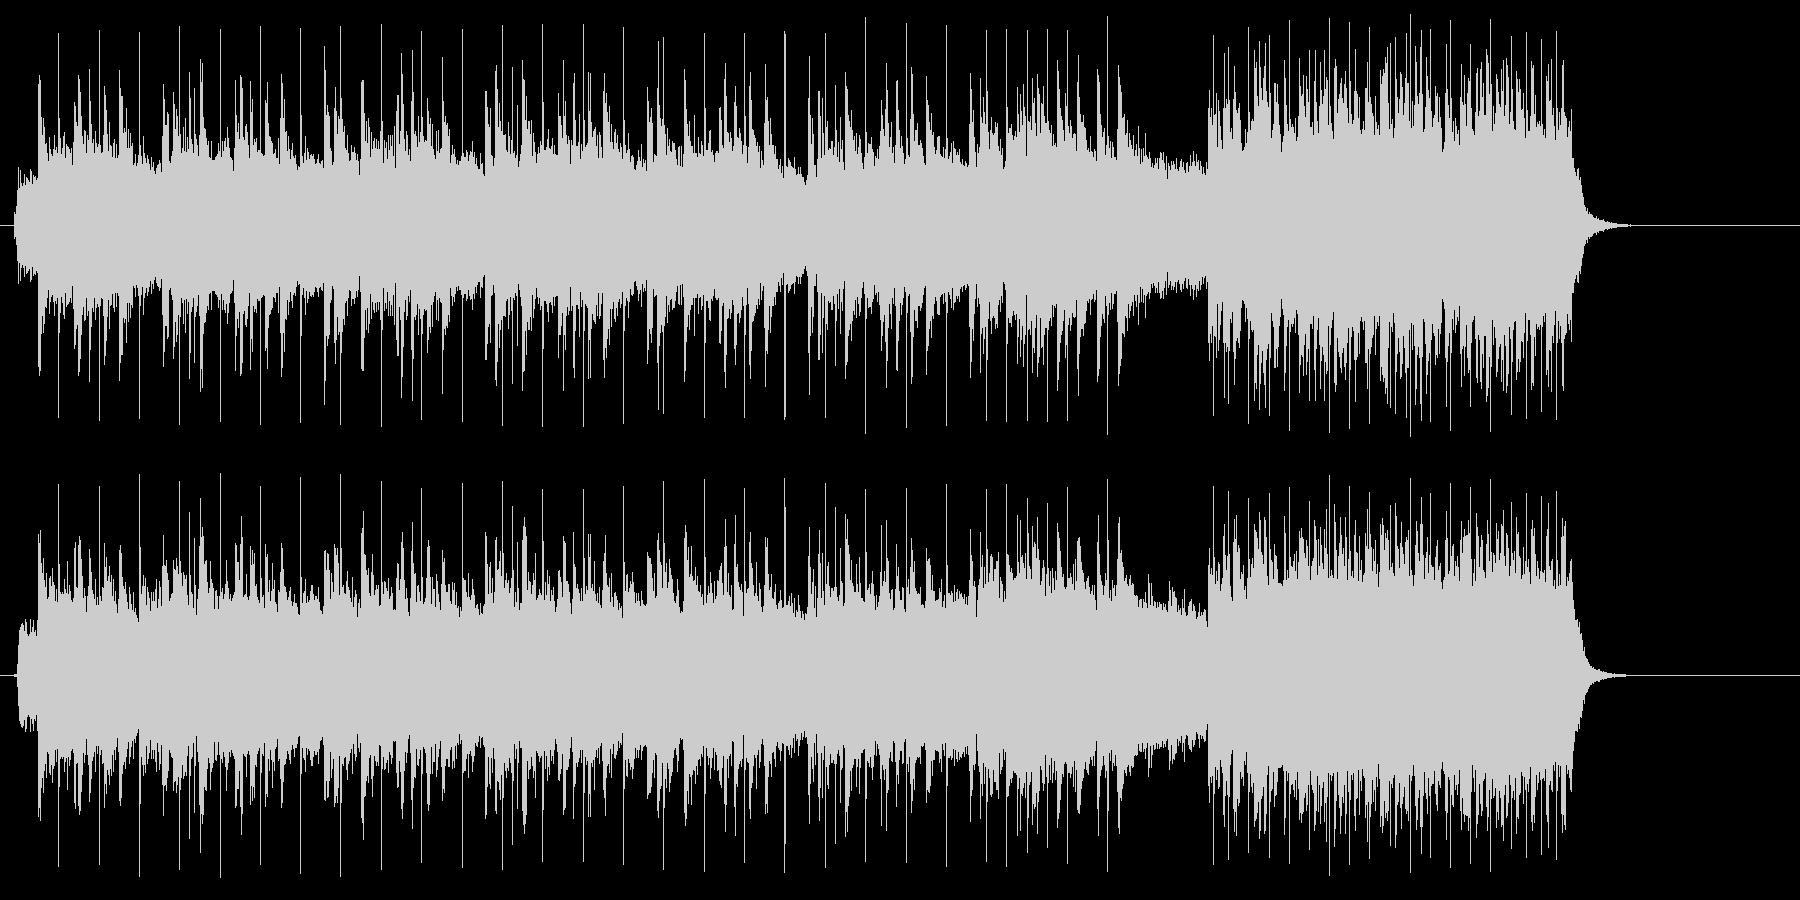 エネルギッシュな唸るギターのハードロックの未再生の波形